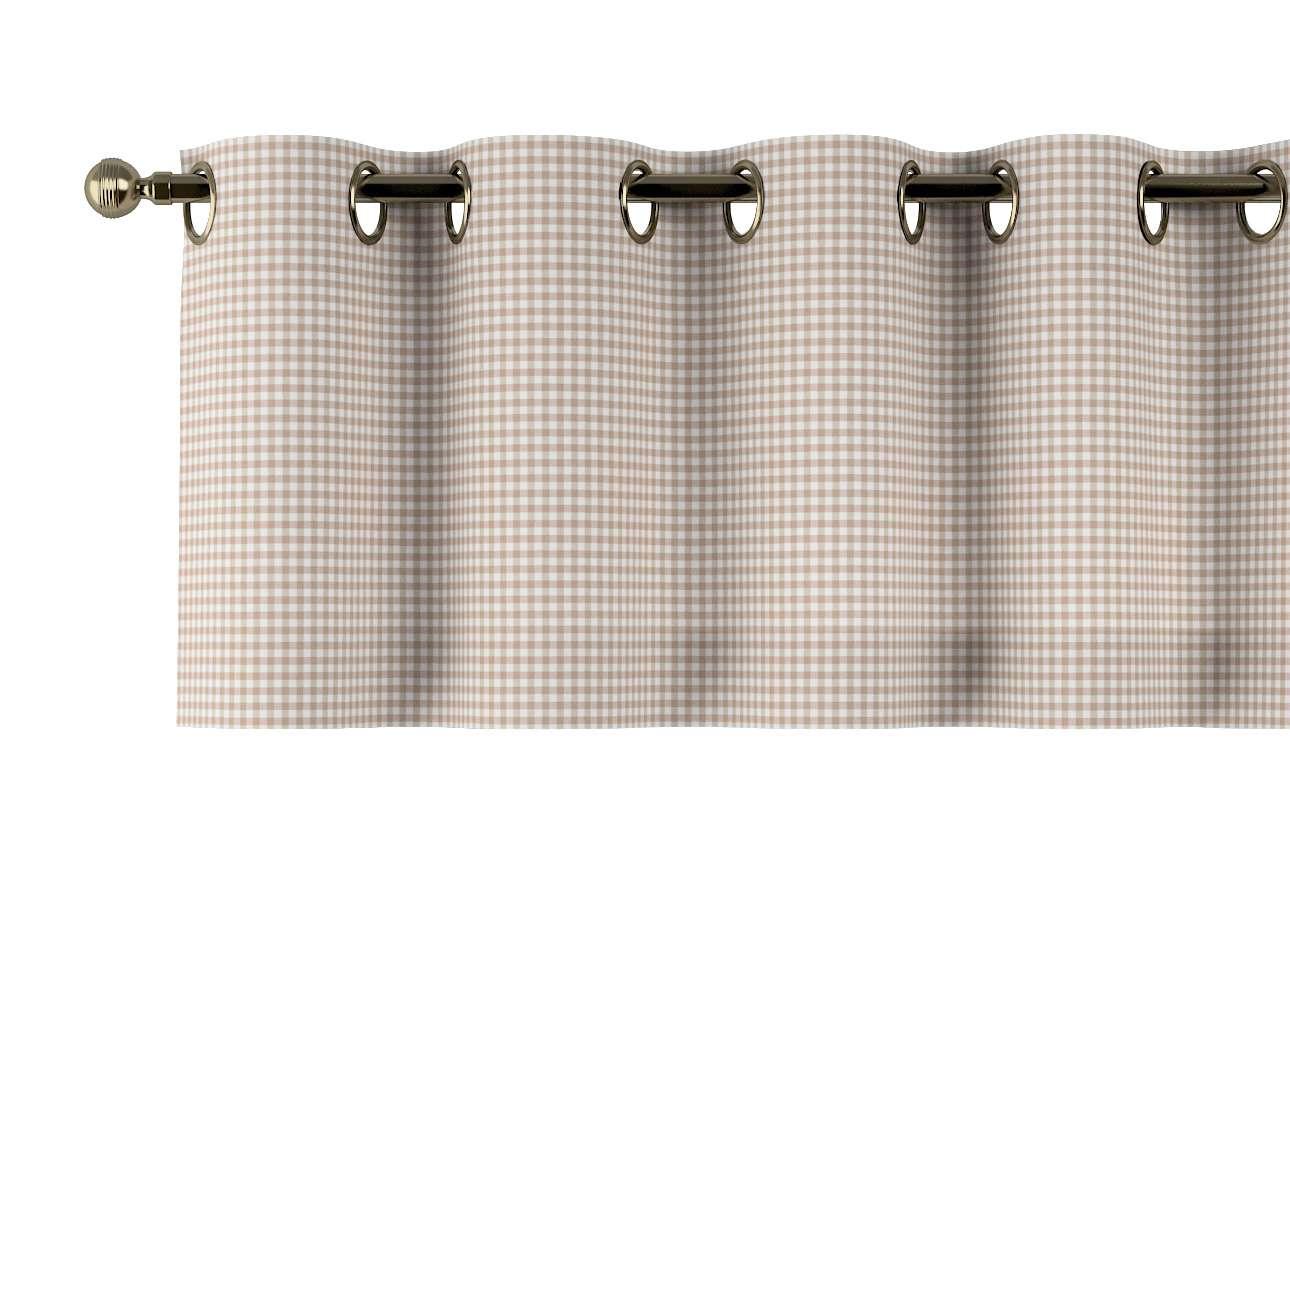 Kurzgardine mit Ösen 130x40cm von der Kollektion Quadro, Stoff: 136-05